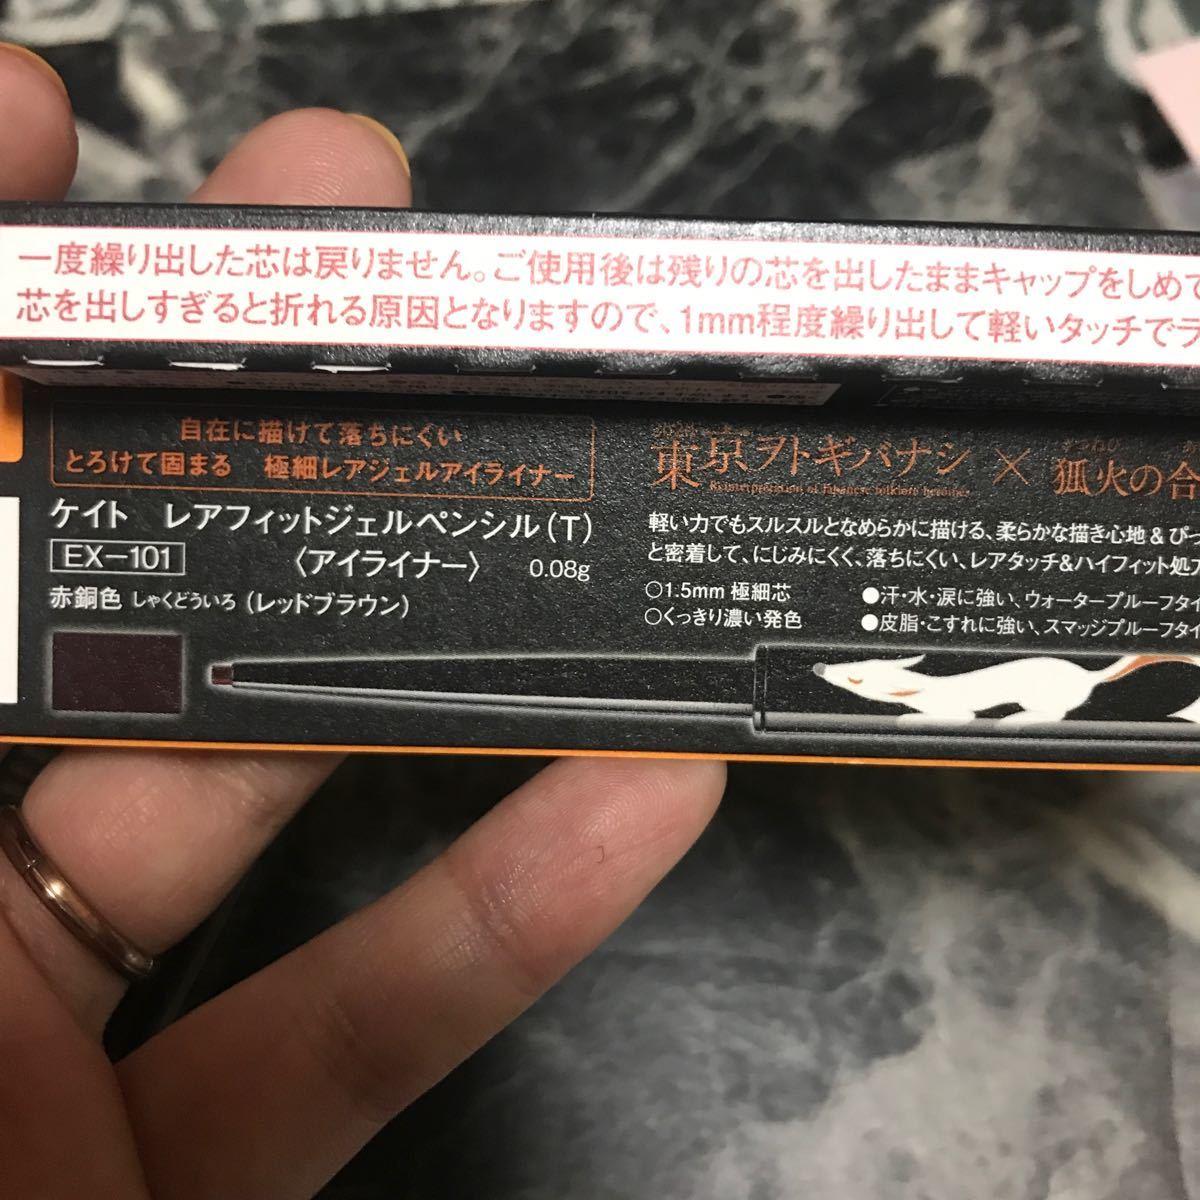 限定品KATE 新作トーンディメンショナルパレット&アイライナーセット